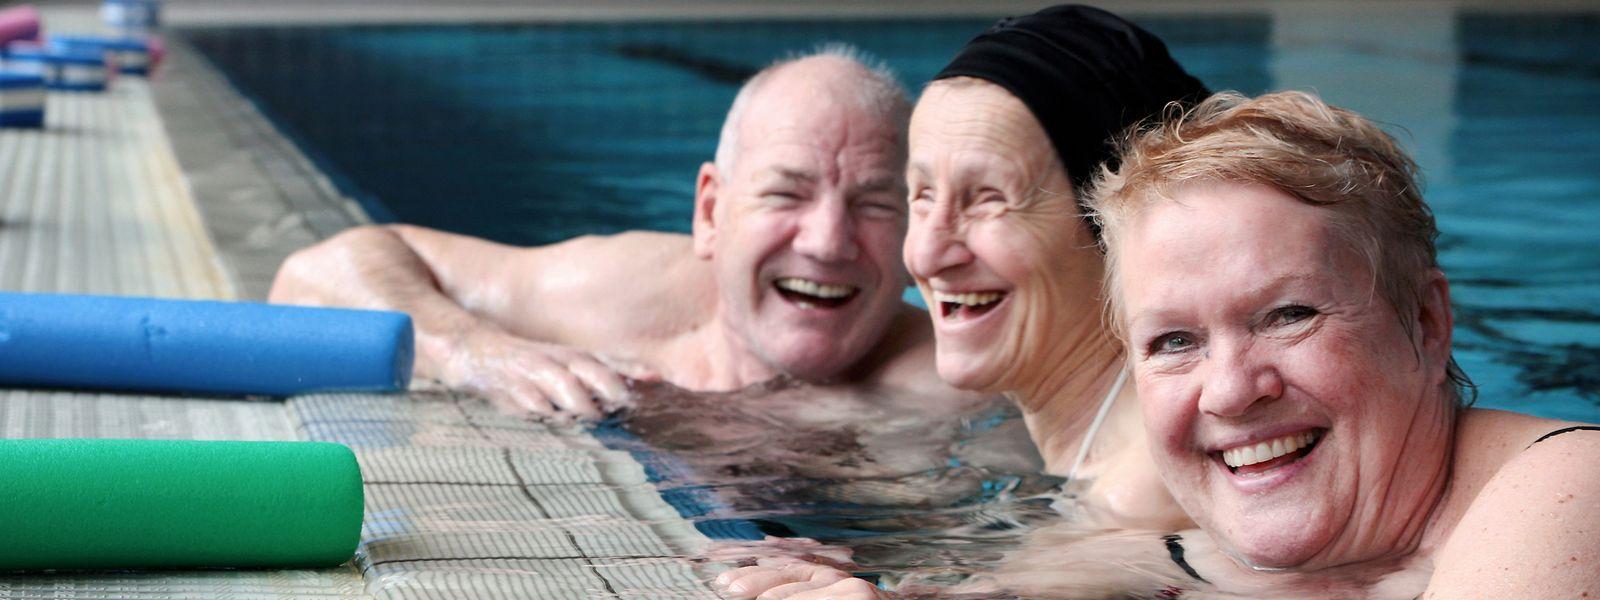 Sport ist eine sehr gute Präventionsmaßnahme - übrigens nicht nur gegen Parkinson, sondern gegen alle Erkrankungen, bei denen Nervenzellen im Gehirn zugrunde gehen.